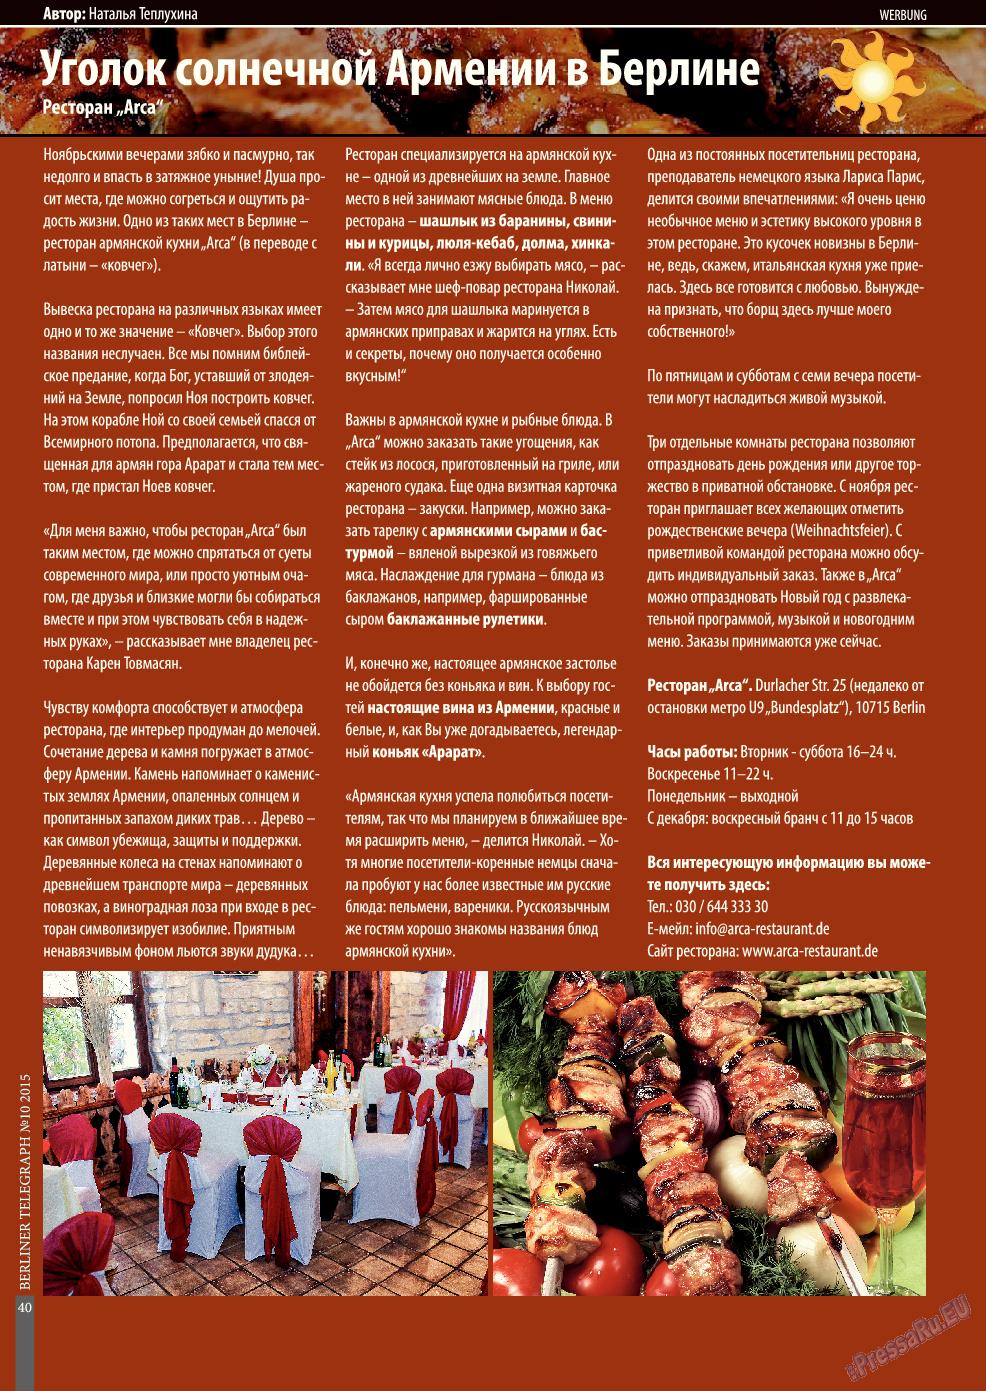 Берлинский телеграф (журнал). 2015 год, номер 11, стр. 40